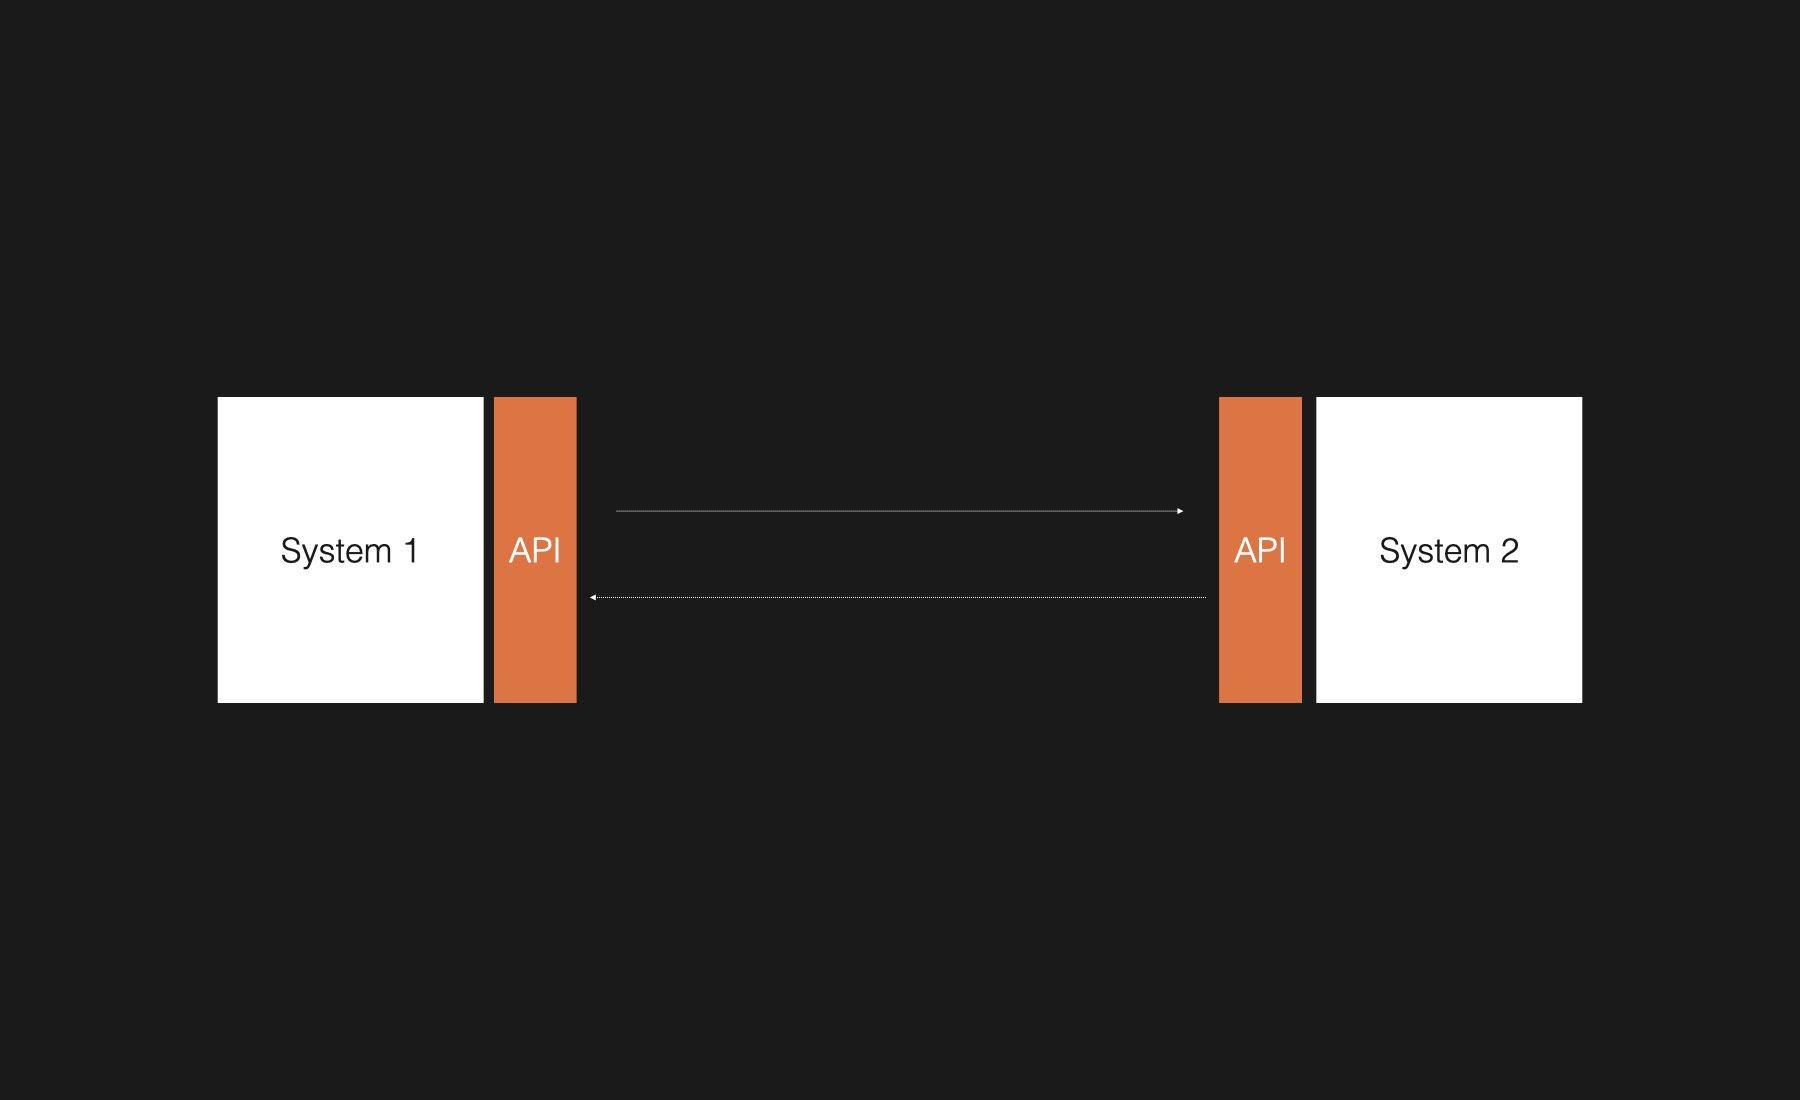 APIs as an interface